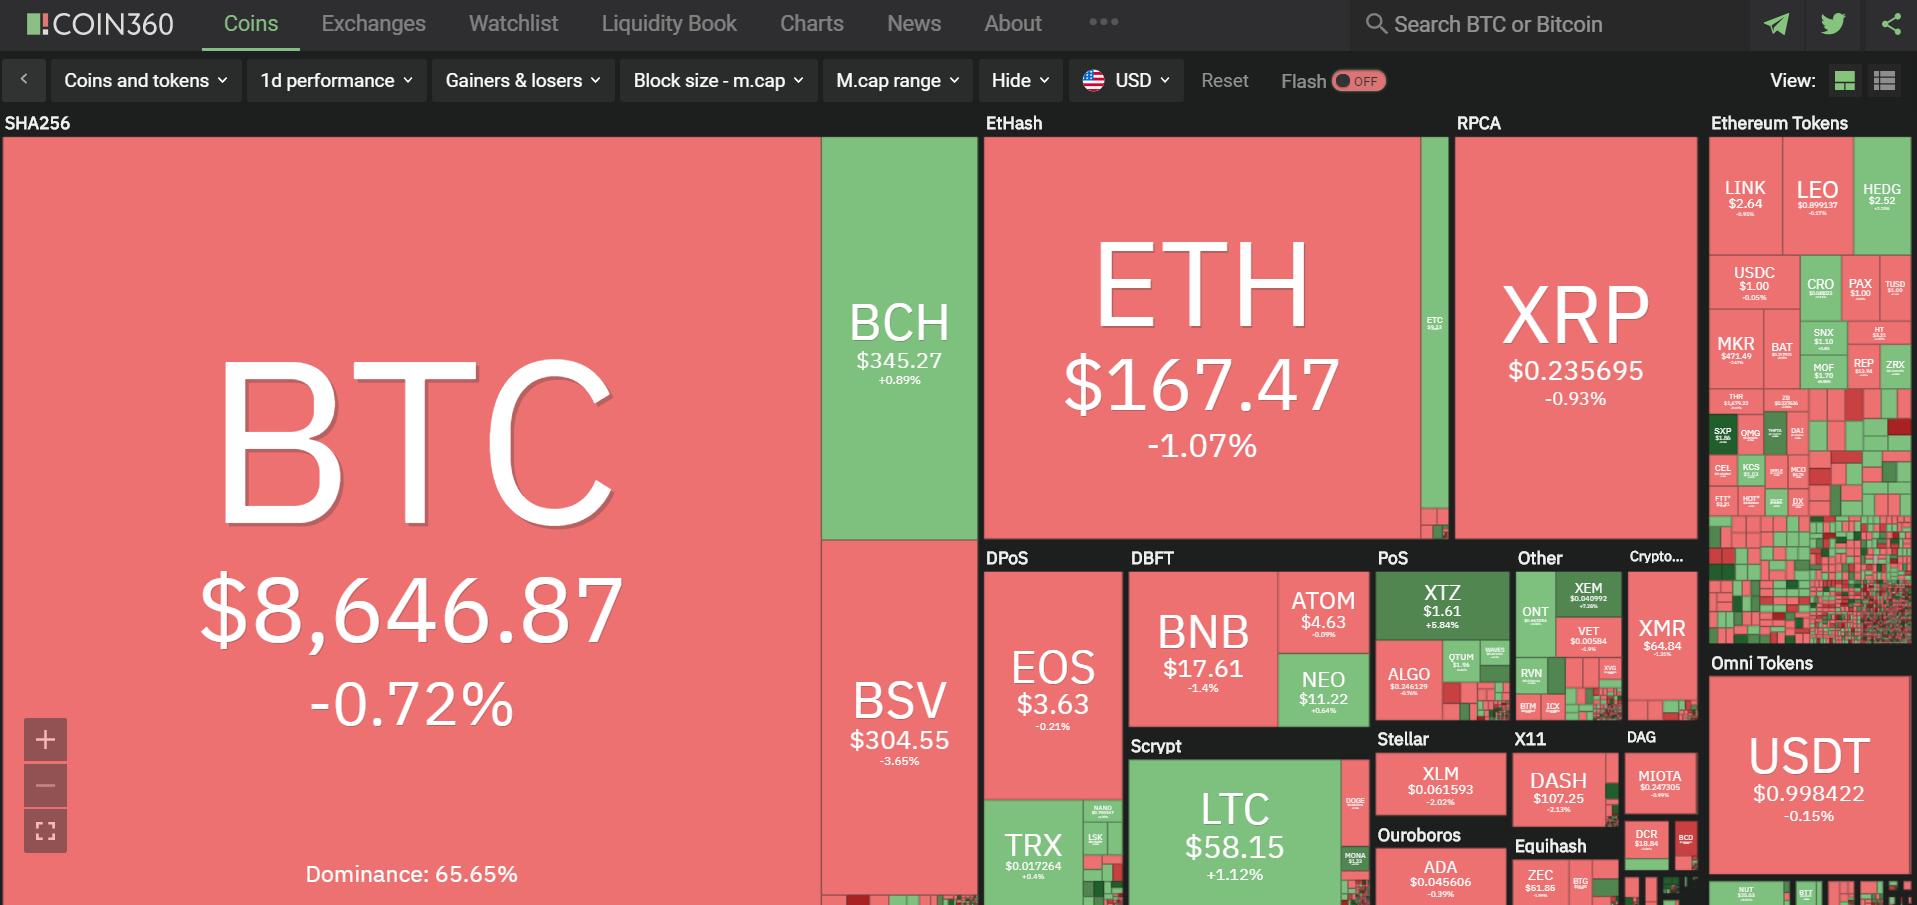 Toàn cảnh thị trường tiền kĩ thuật số hôm nay (23/1) (Nguồn: Coin360.com)